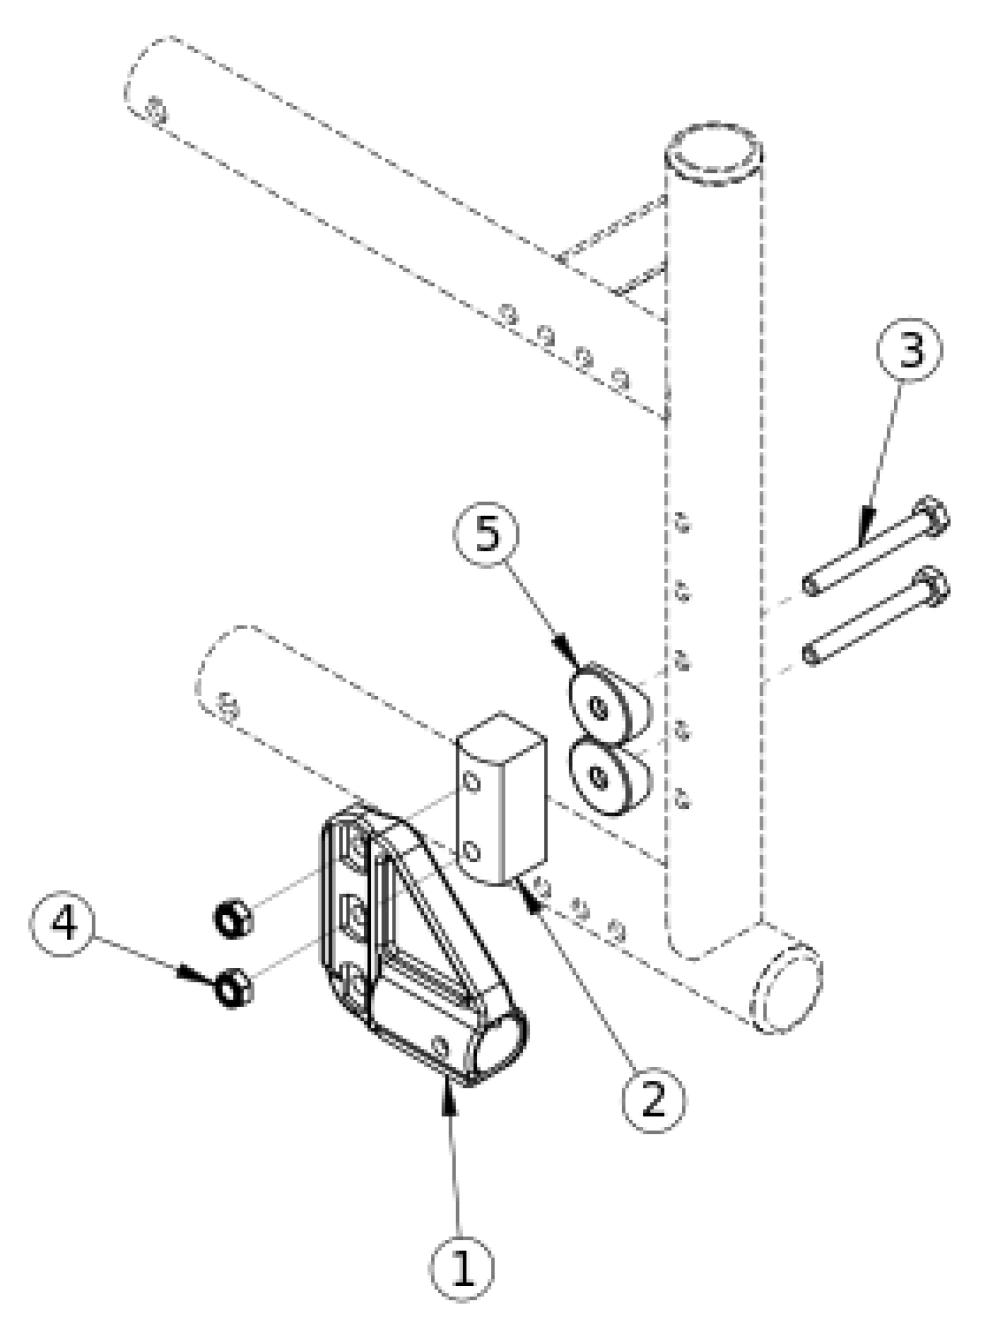 Catalyst 4 Anti-tip Receiver parts diagram